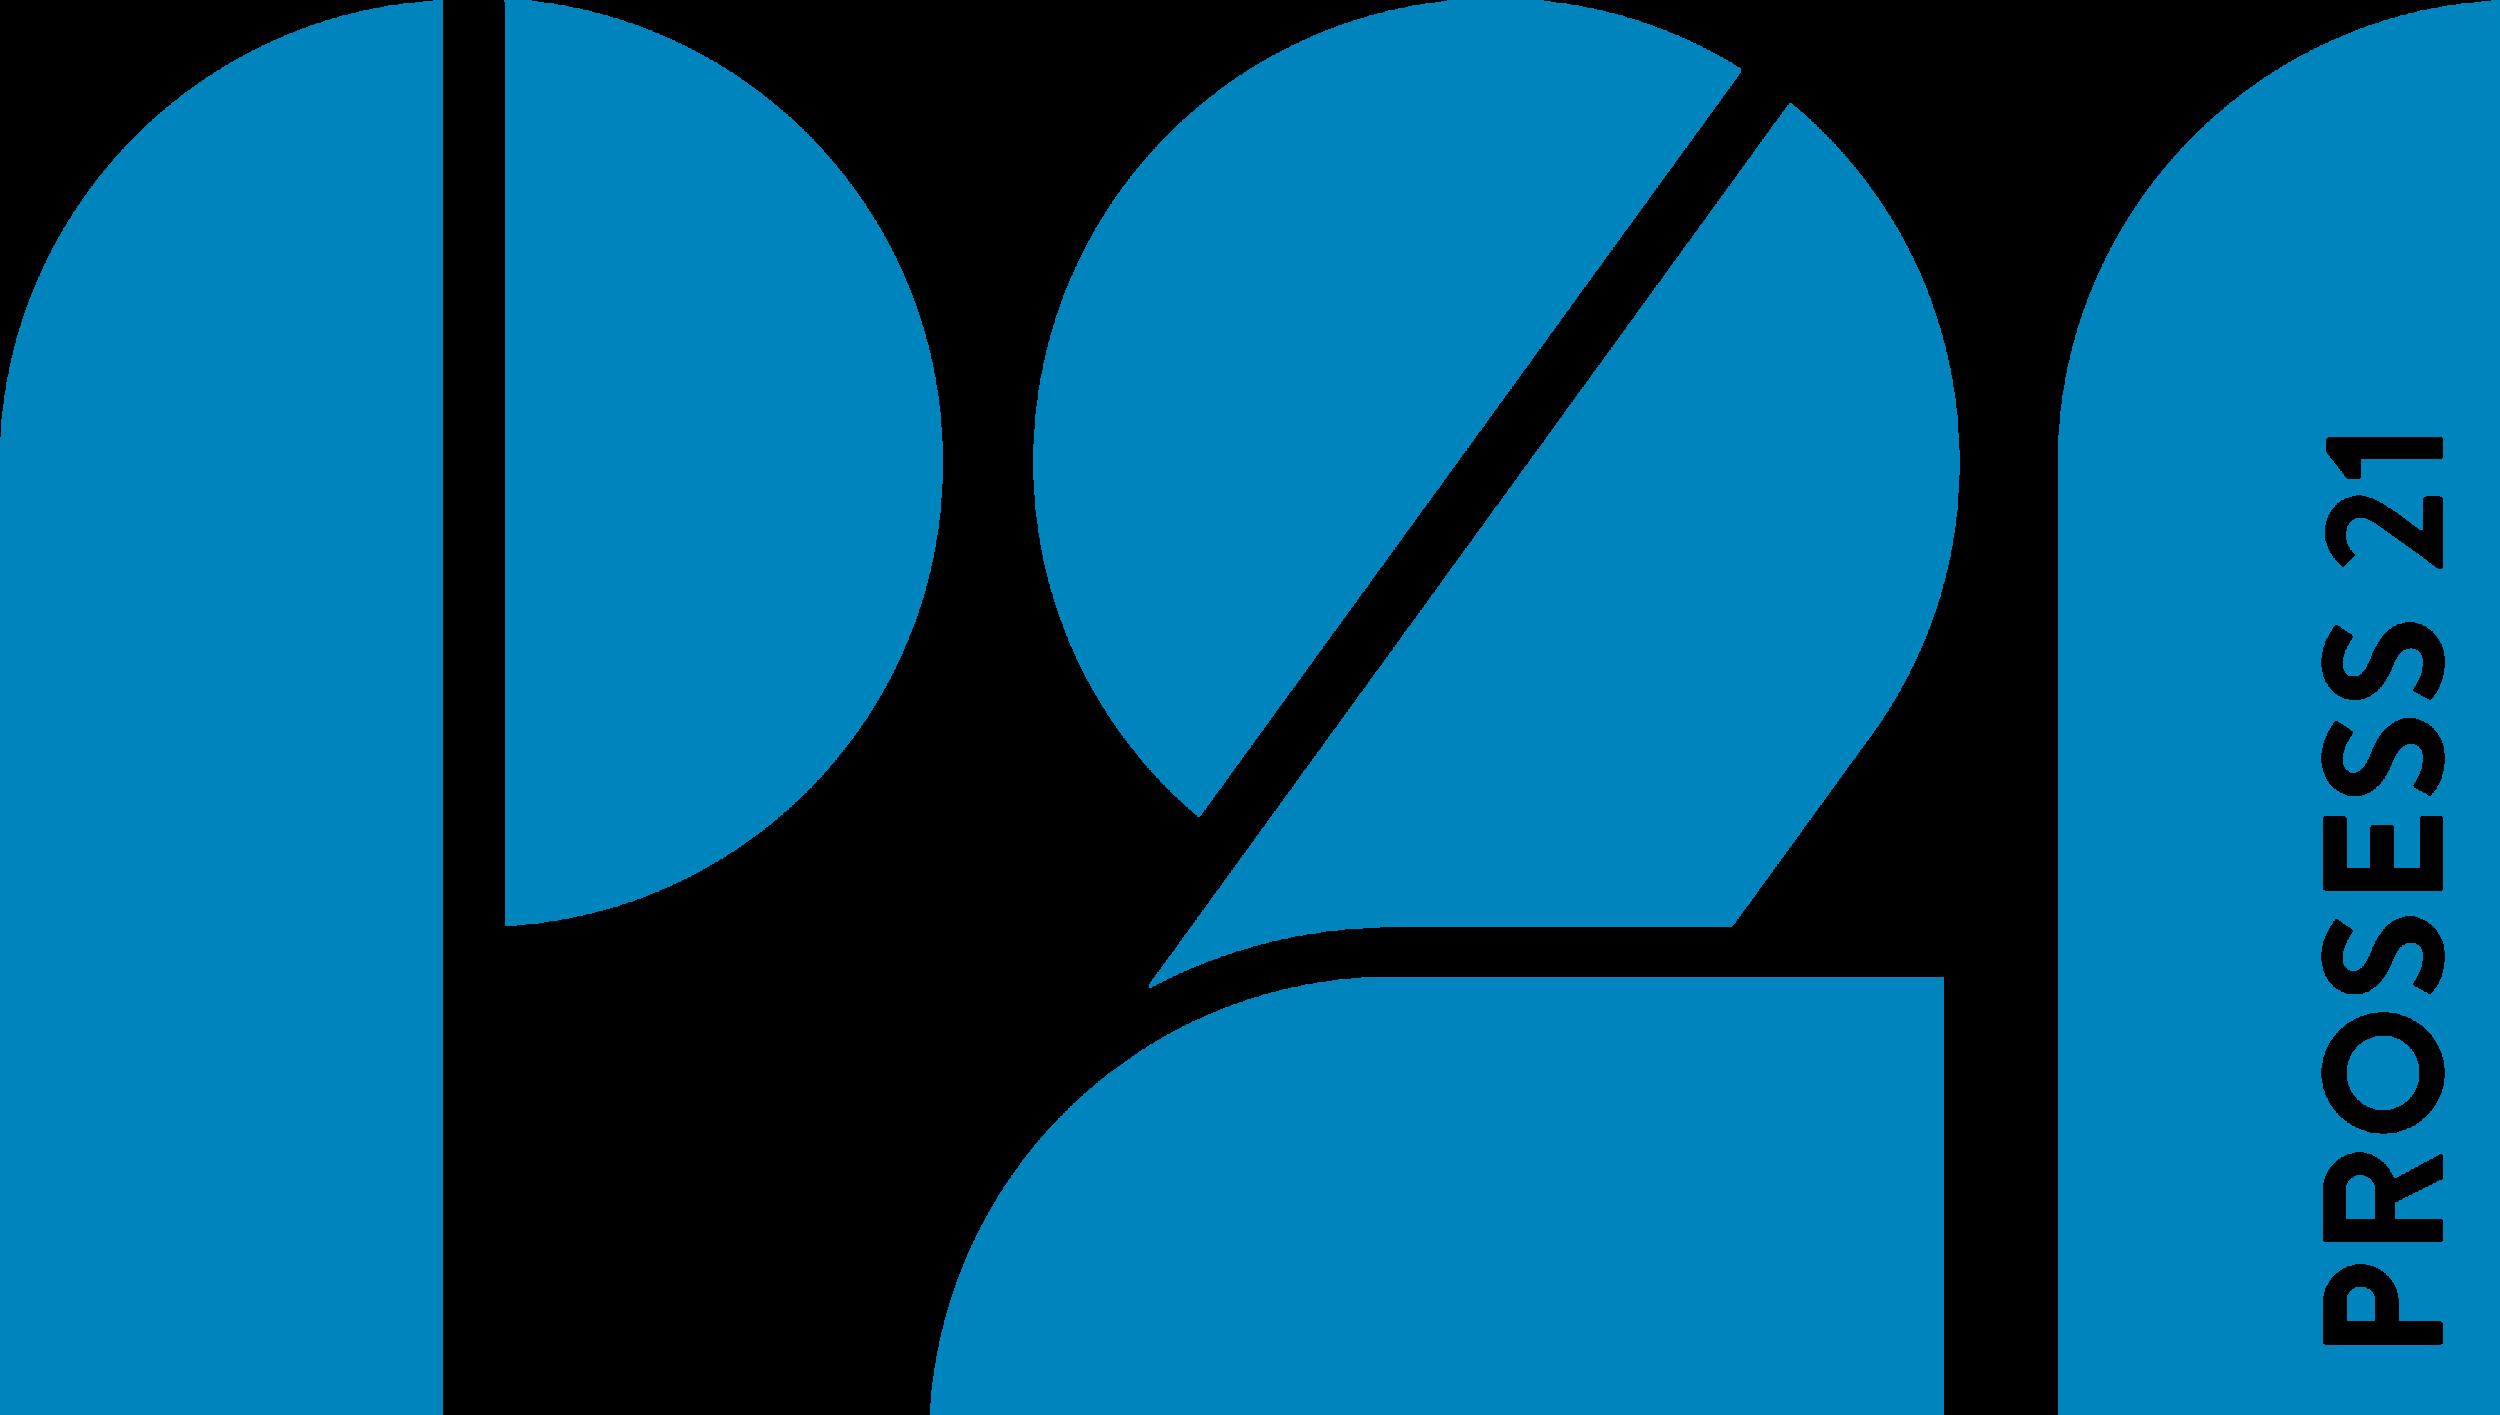 Prosess 21 logo blå